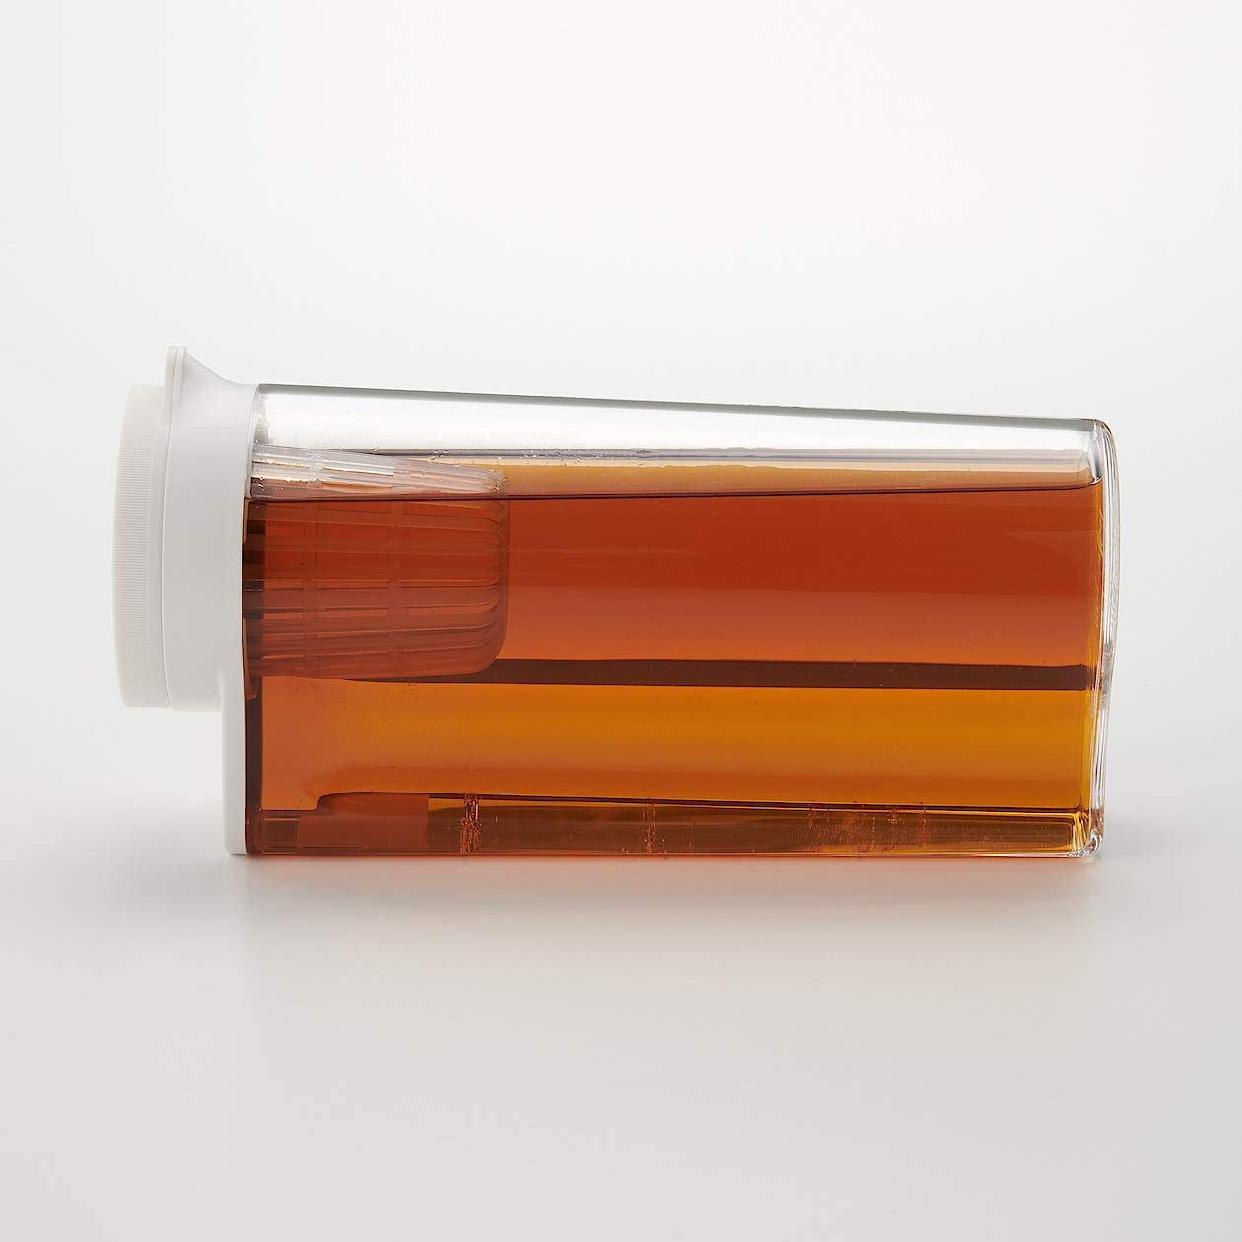 無印良品(MUJI) アクリル冷水筒 冷水専用約2L 44220931の商品画像11